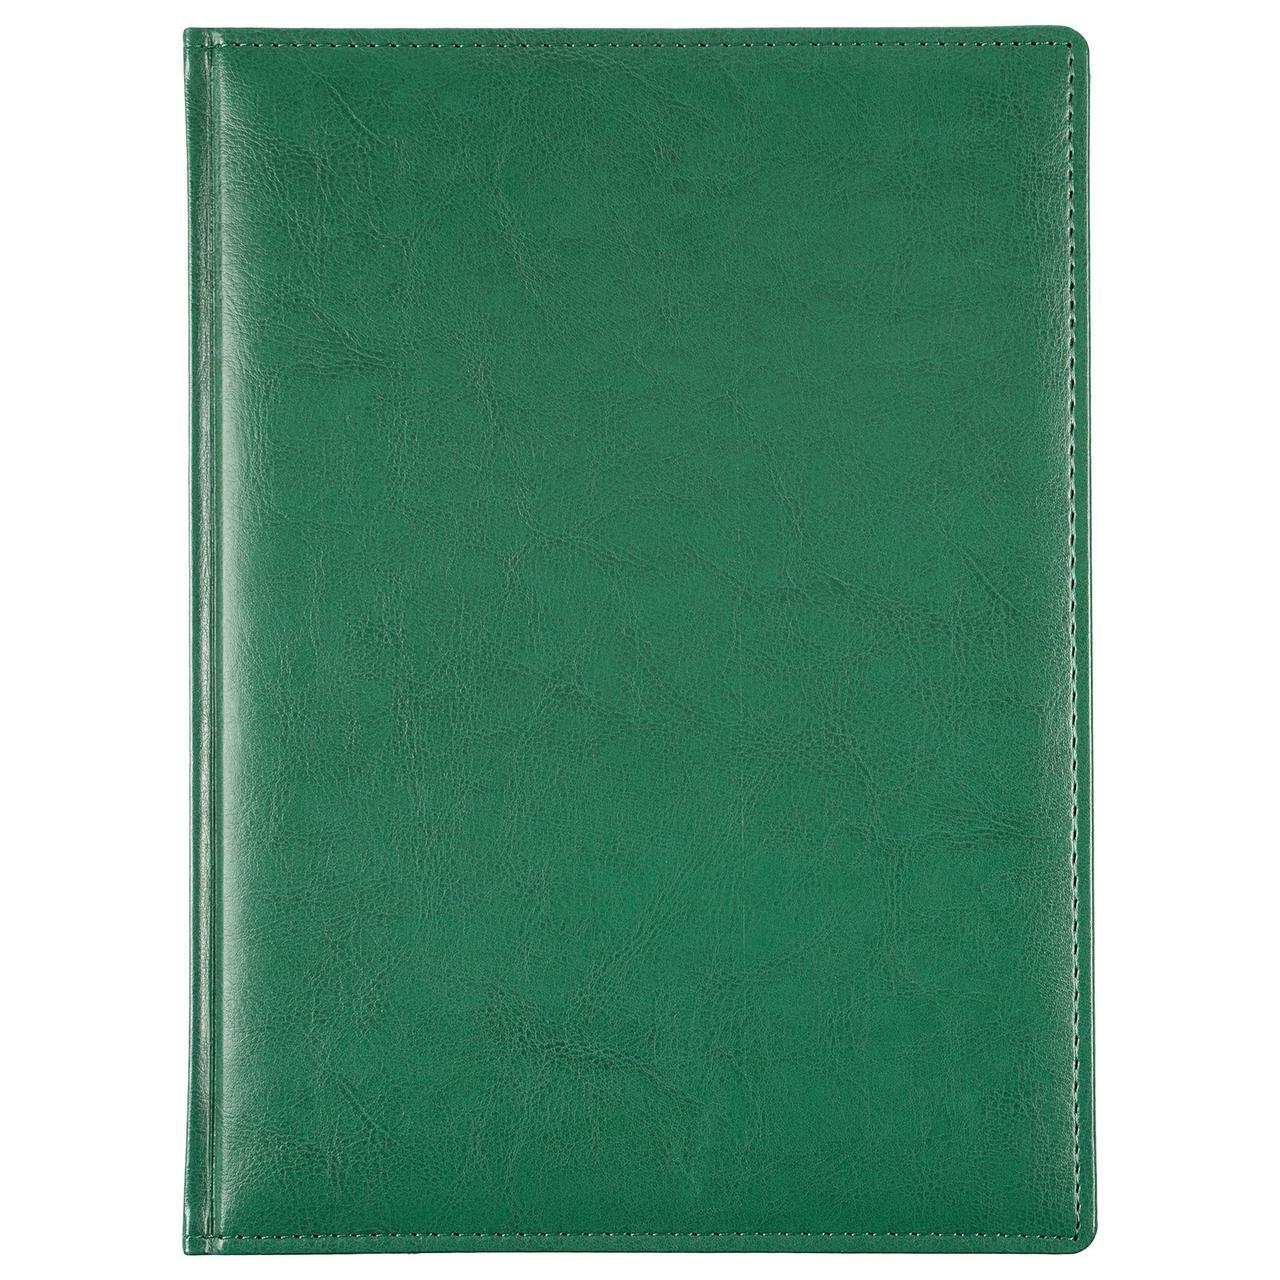 Еженедельник Nebraska, датированный, зеленый (артикул 4845.90)